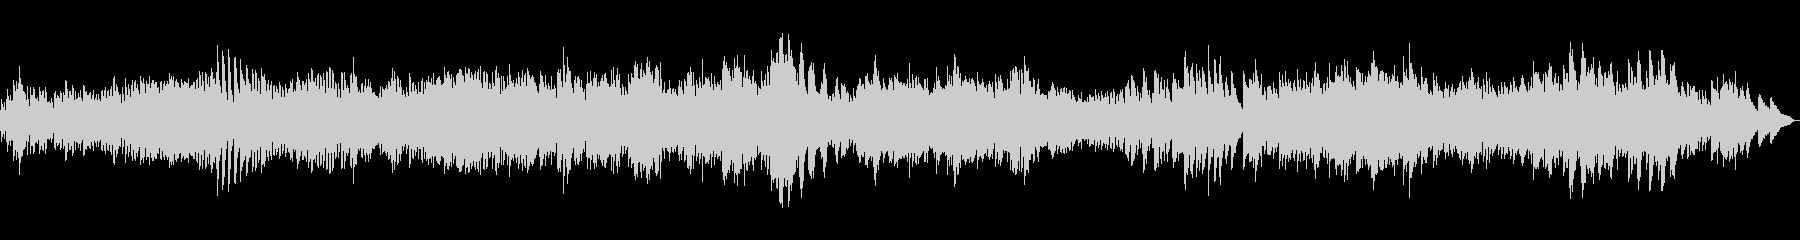 バロック音楽風のピアノ曲ですの未再生の波形